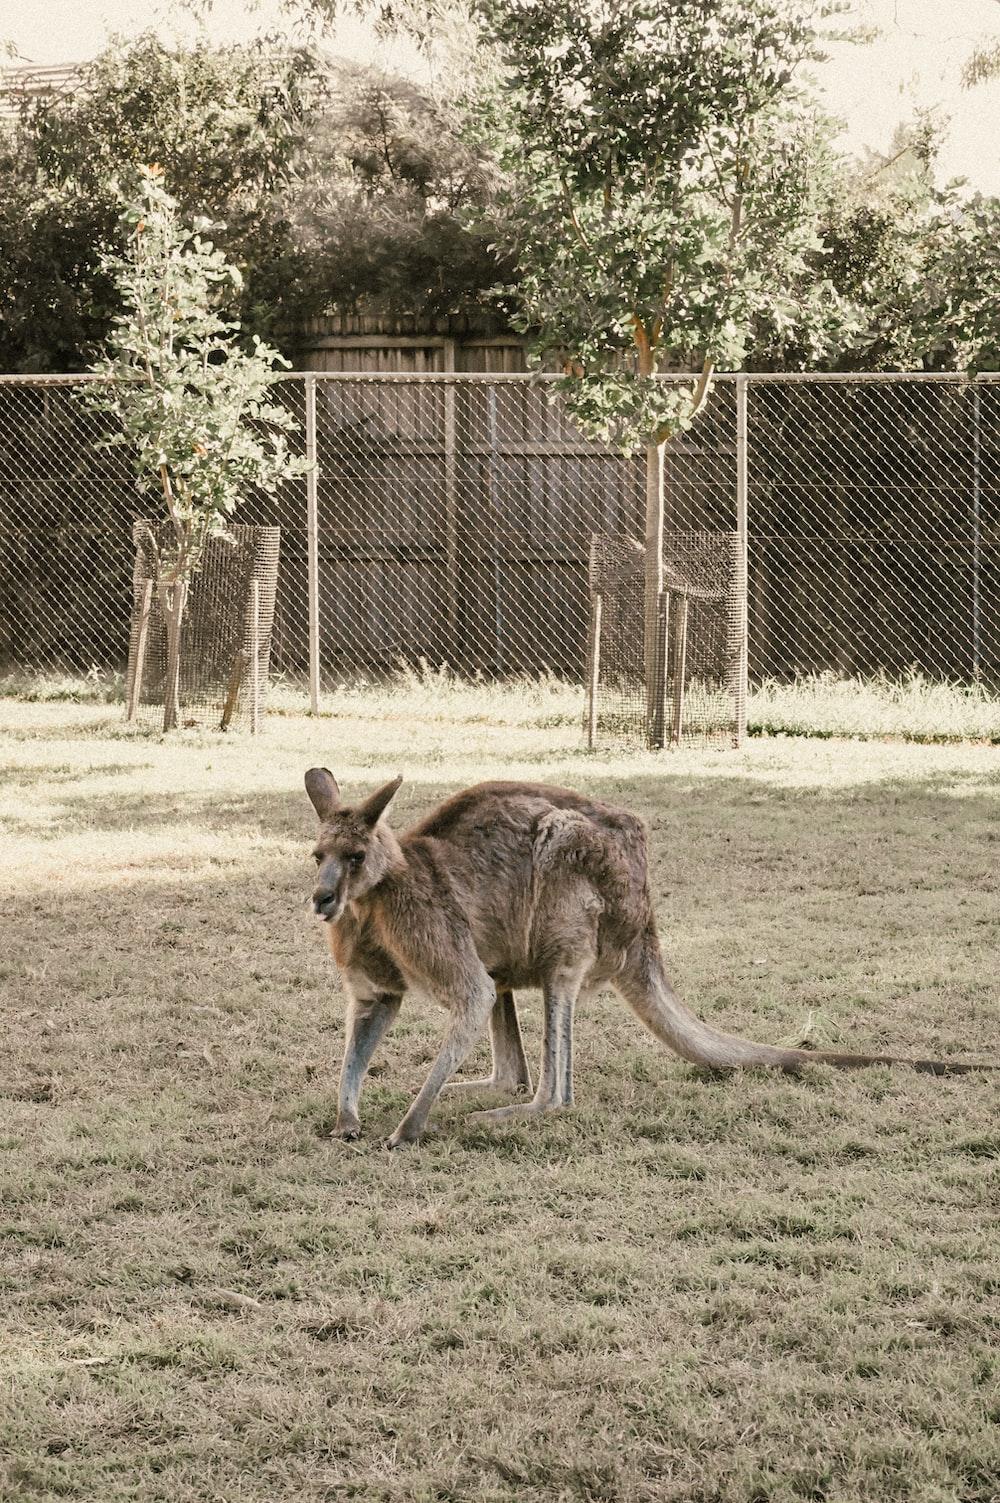 brown kangaroo on green grass field during daytime